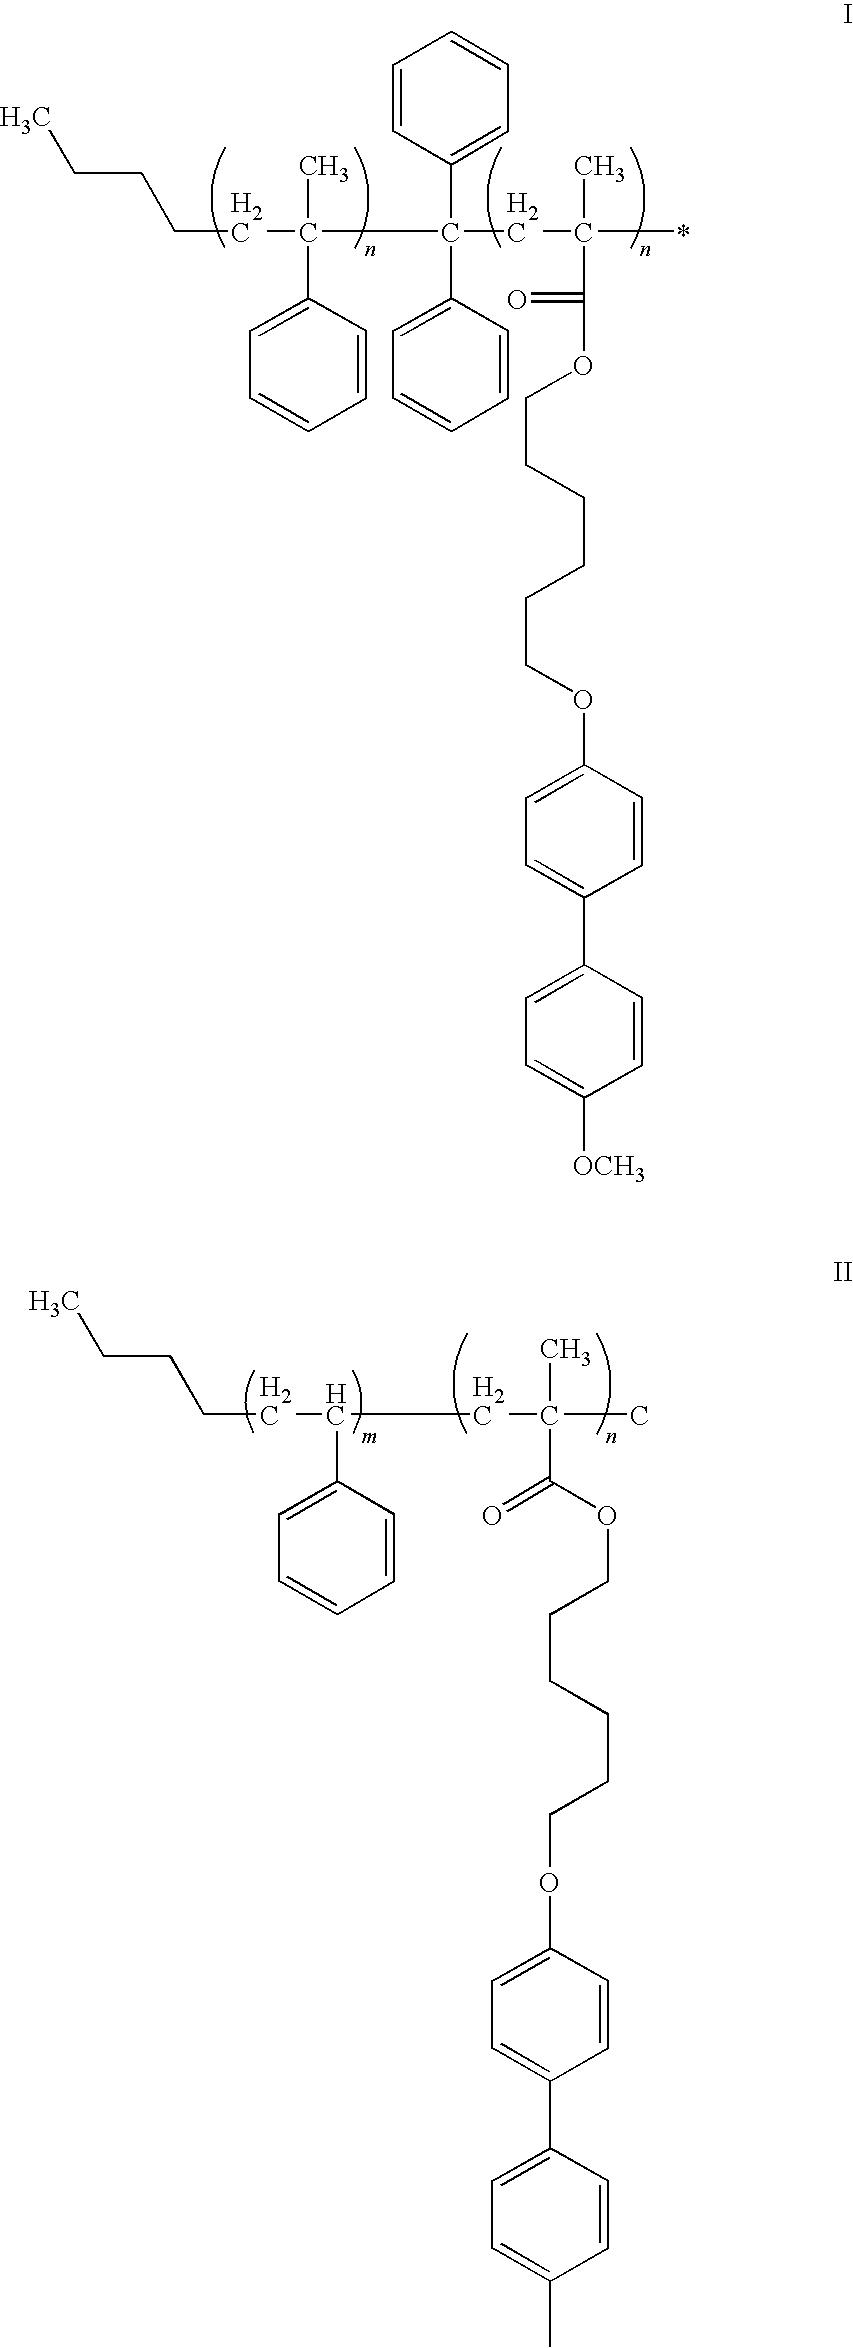 Figure US07582078-20090901-C00006